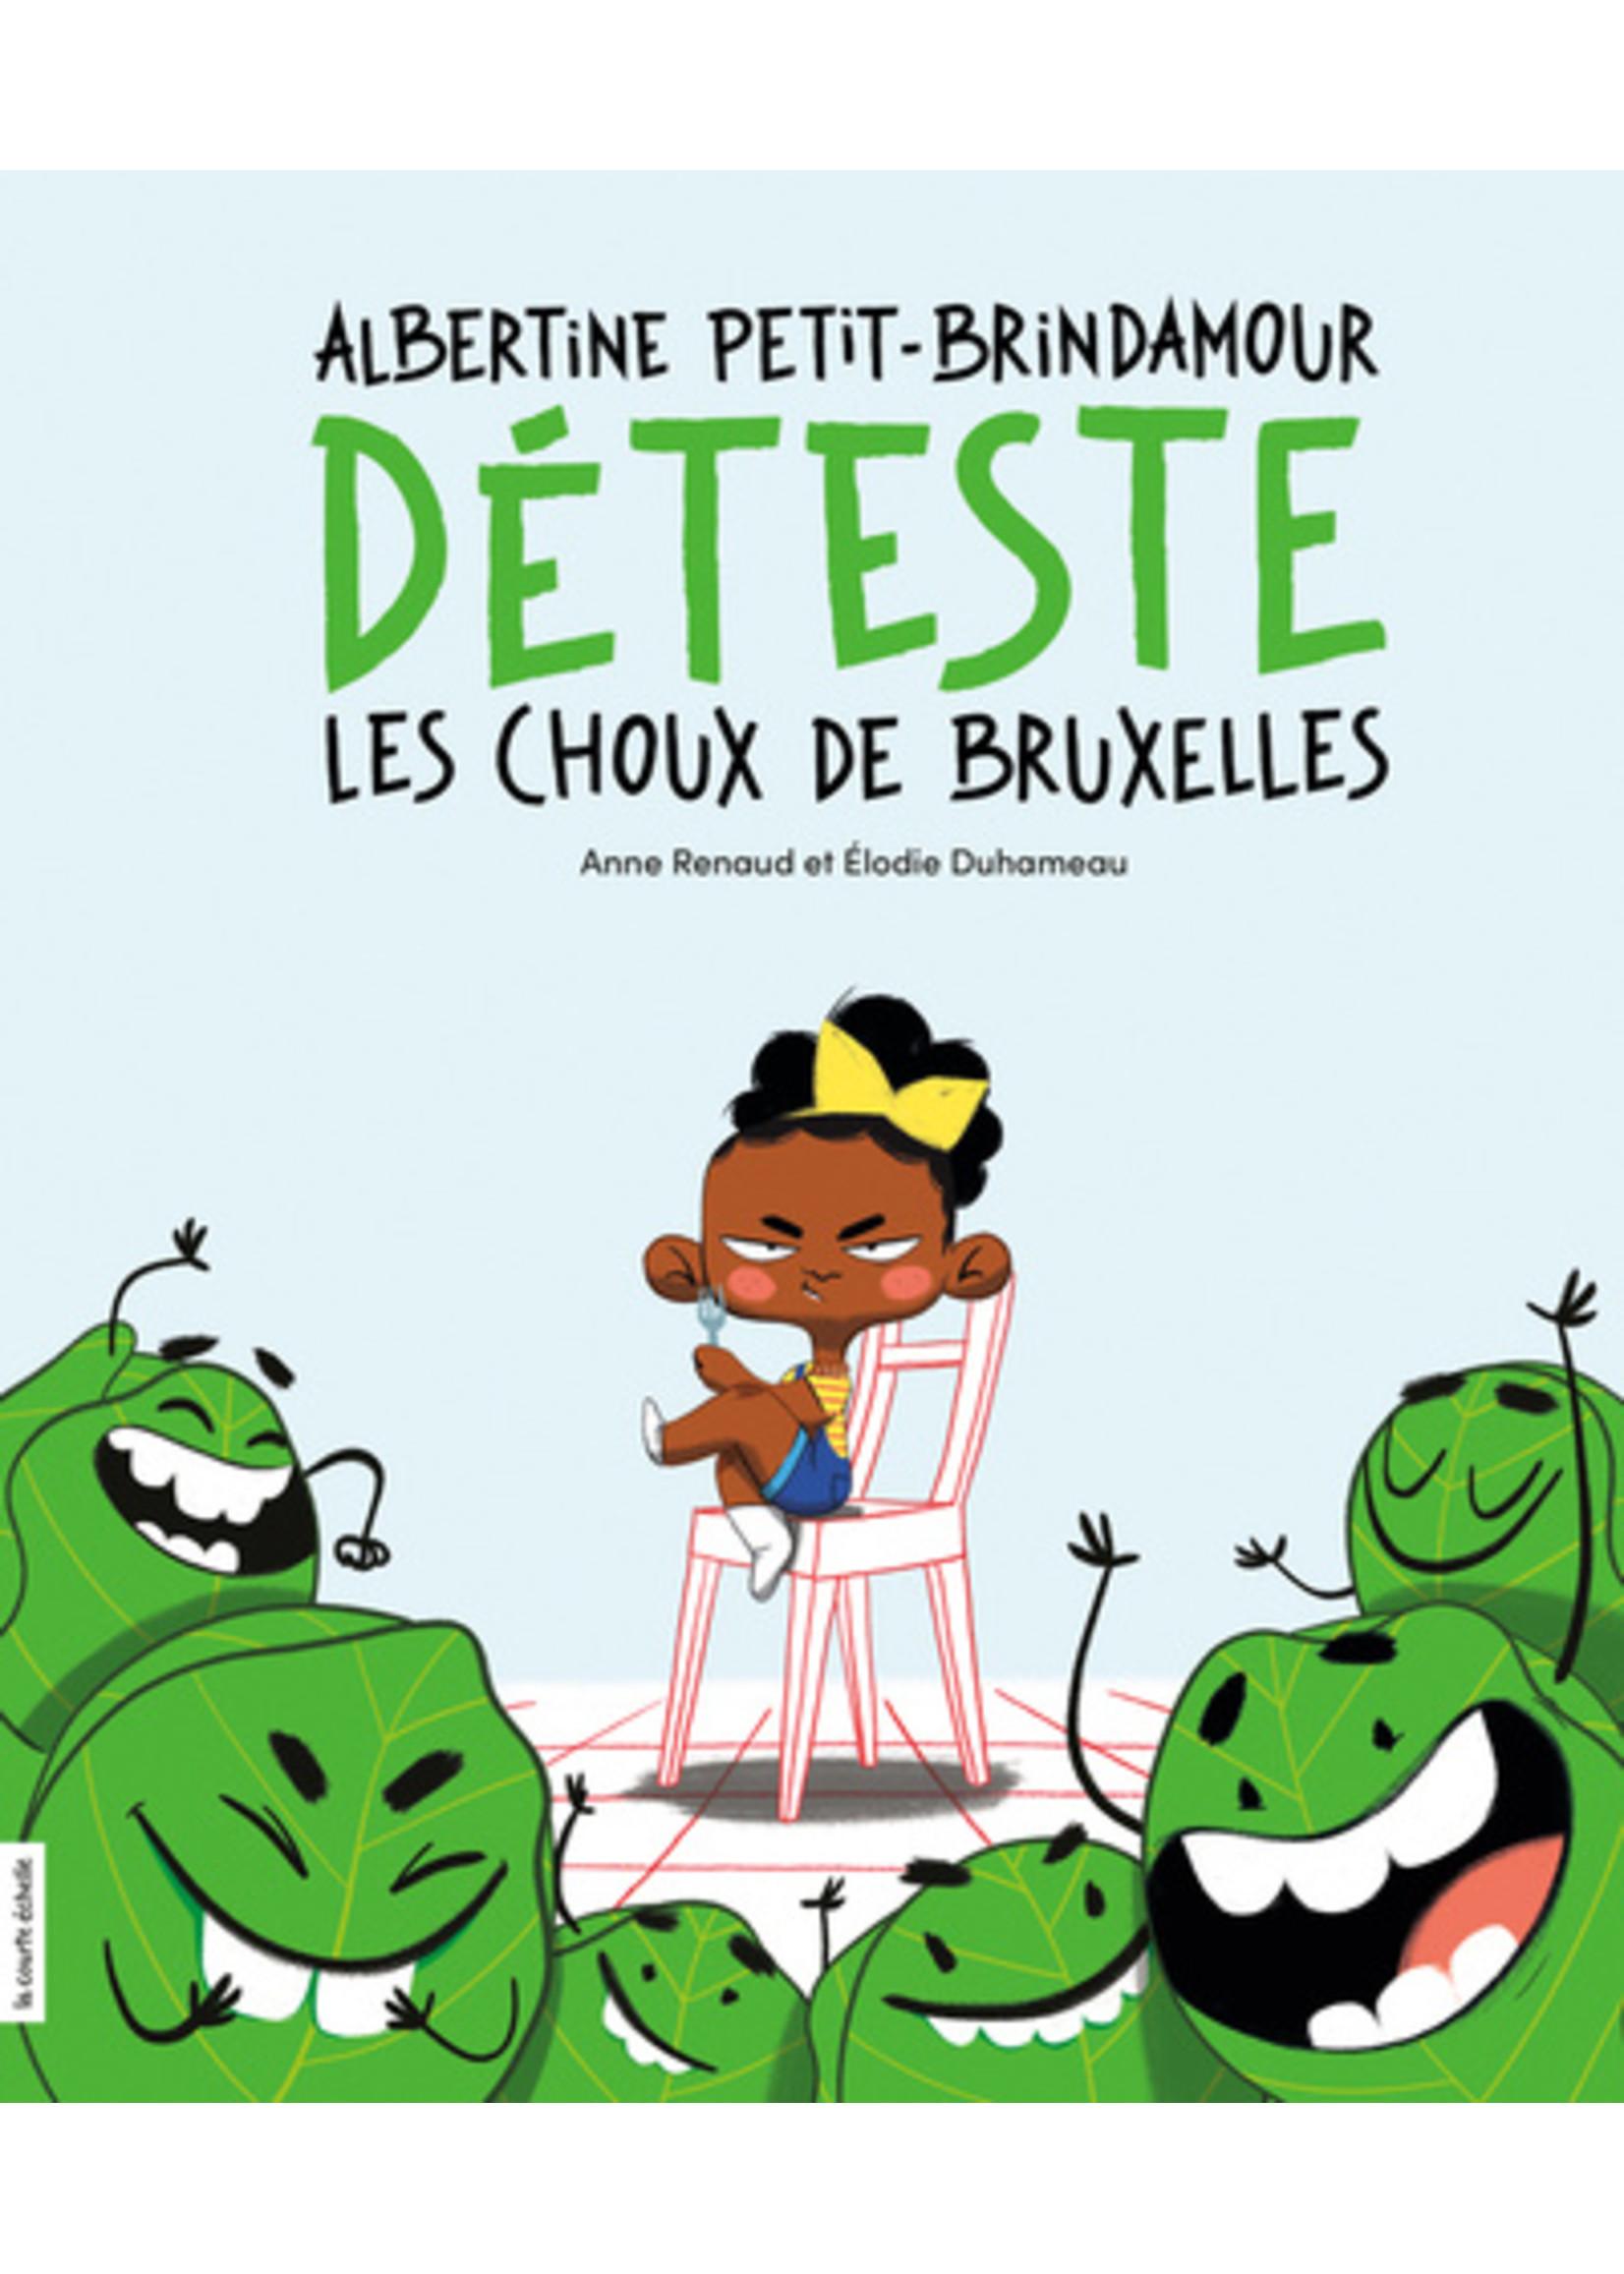 La courte échelle Albertine Petit-Brindamour déteste les choux de Bruxelles